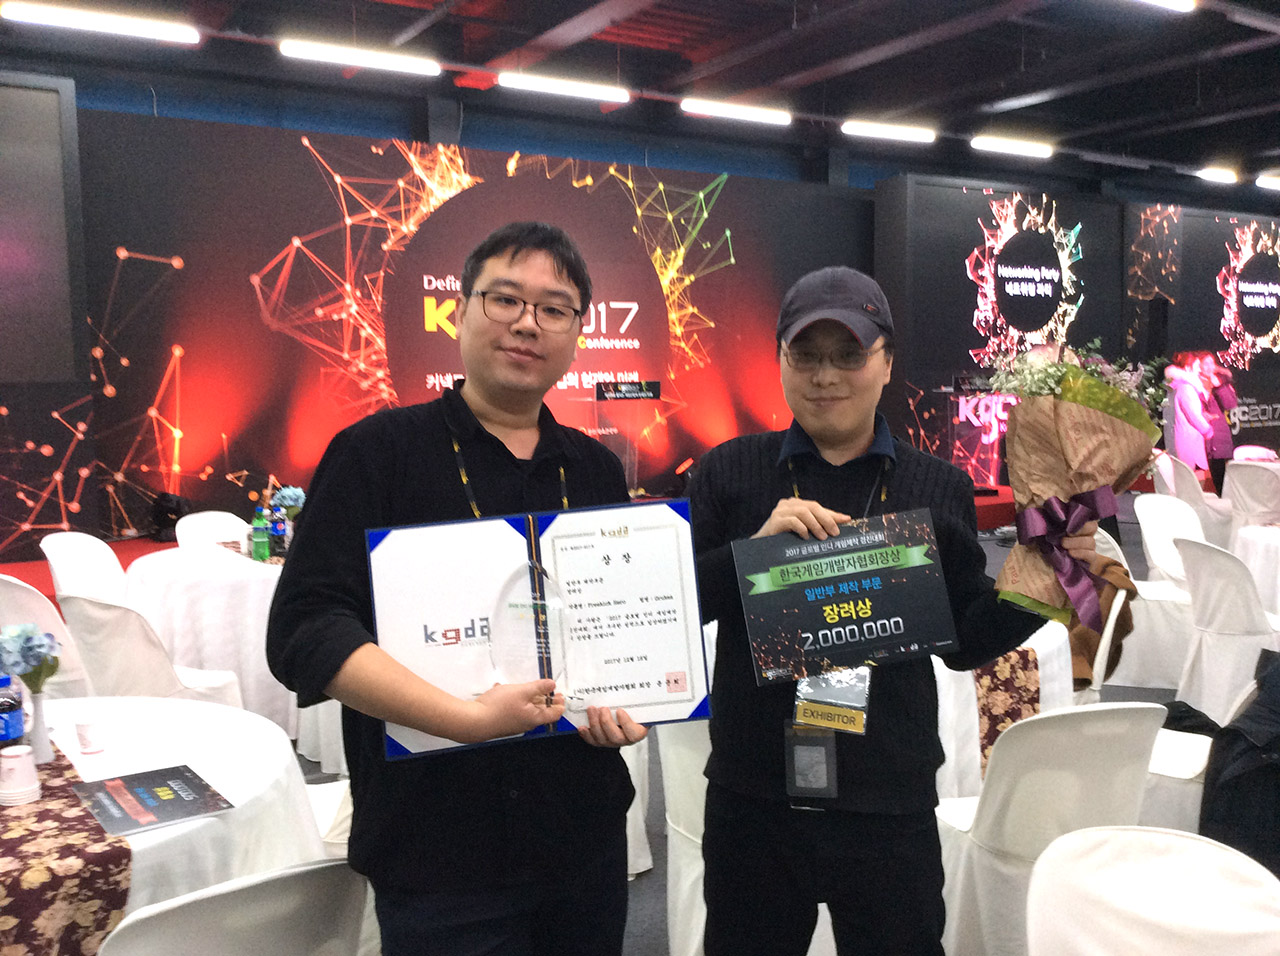 Freekick Hero won the prize at KGC2017